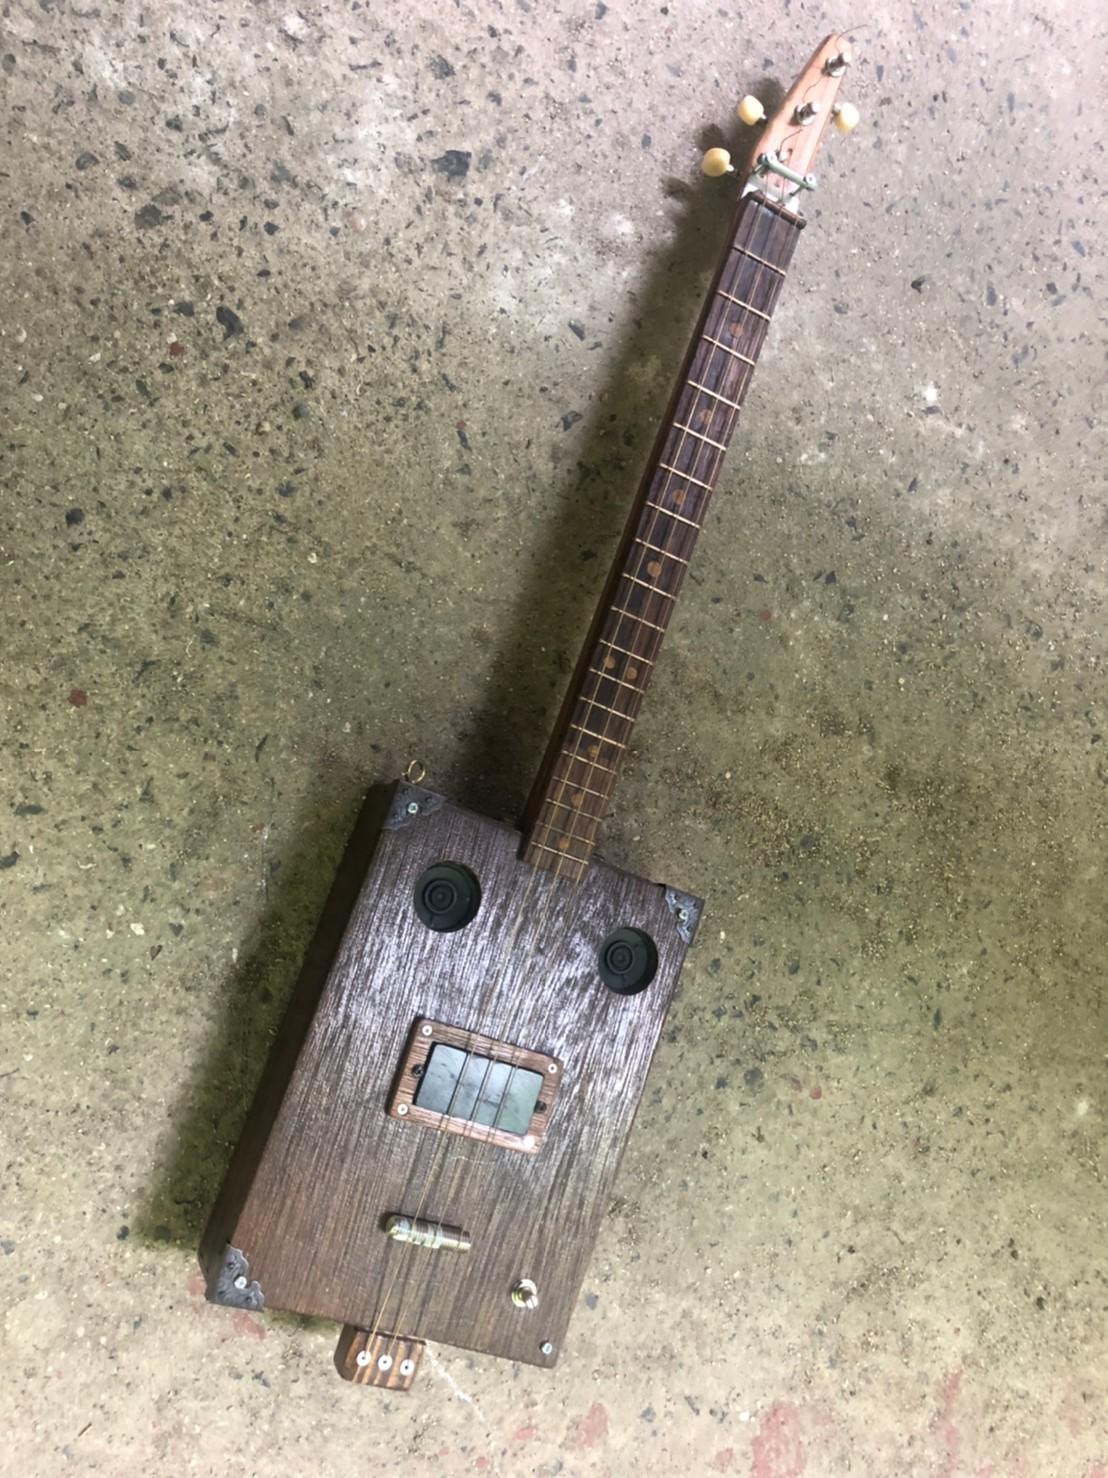 シガーボックスギター 製作企画中 @わたし雑貨店